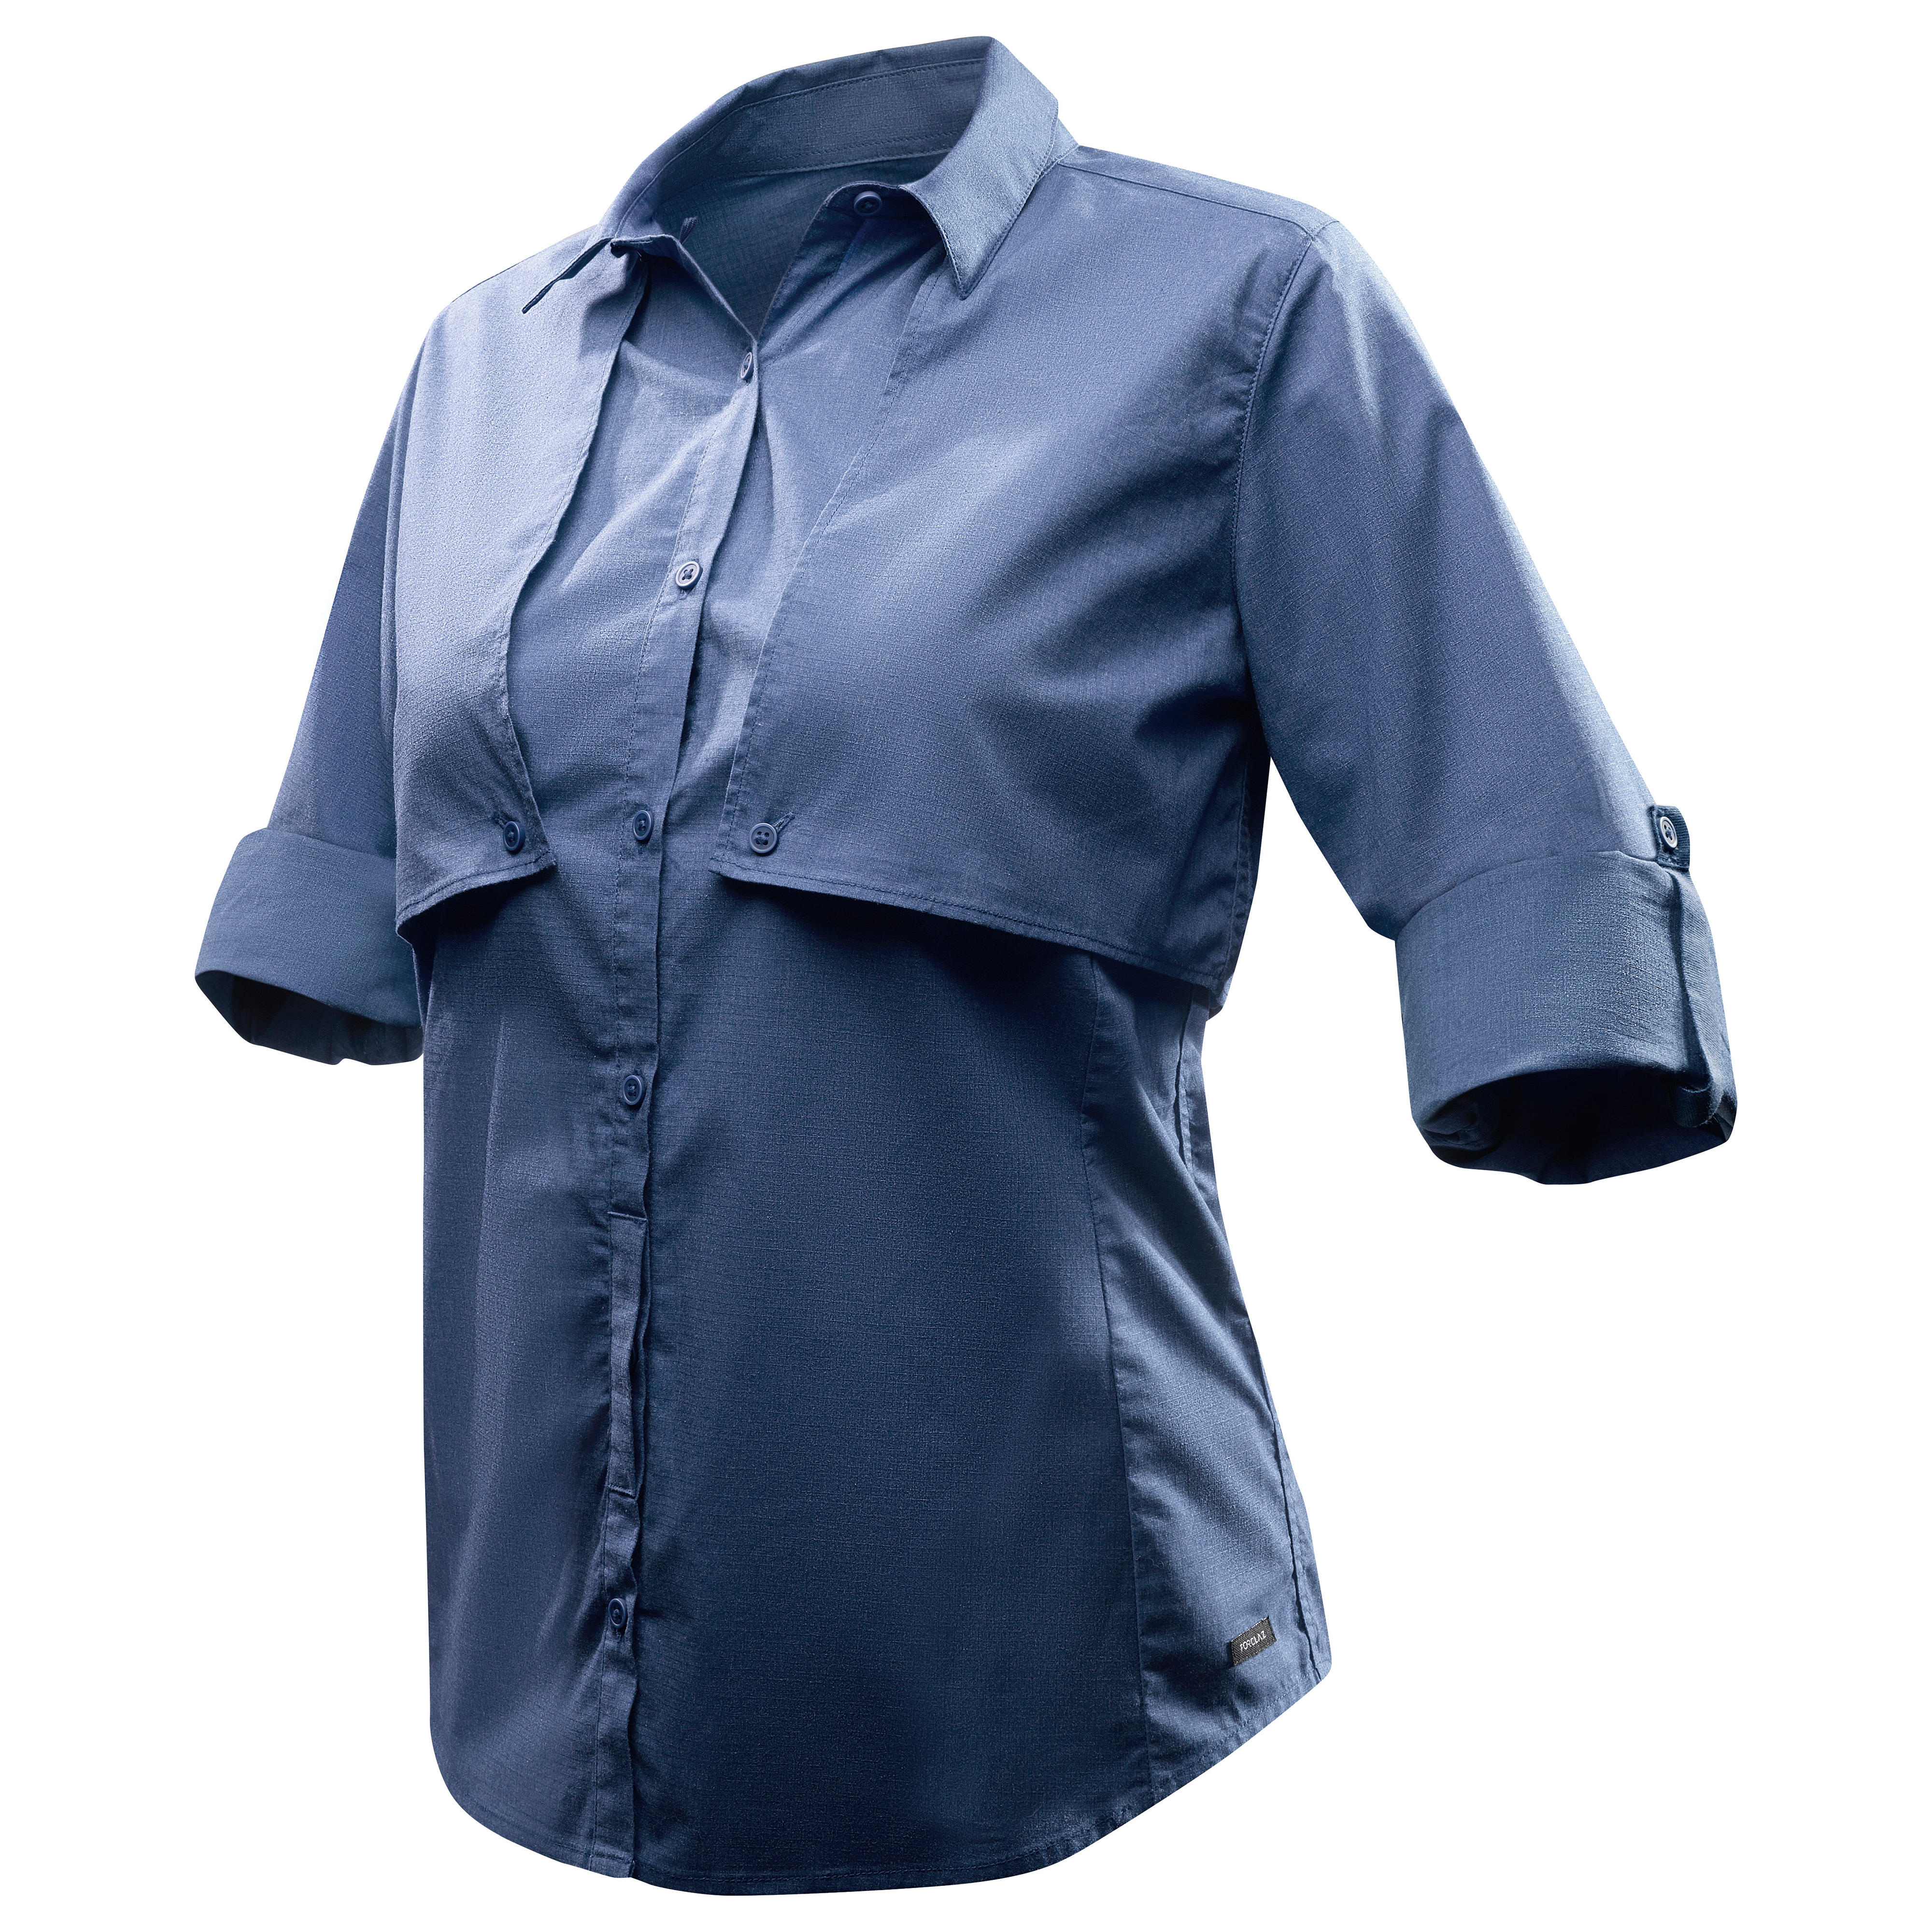 Travel 500 Women's Roll-Up Long-Sleeved Shirt - Blue